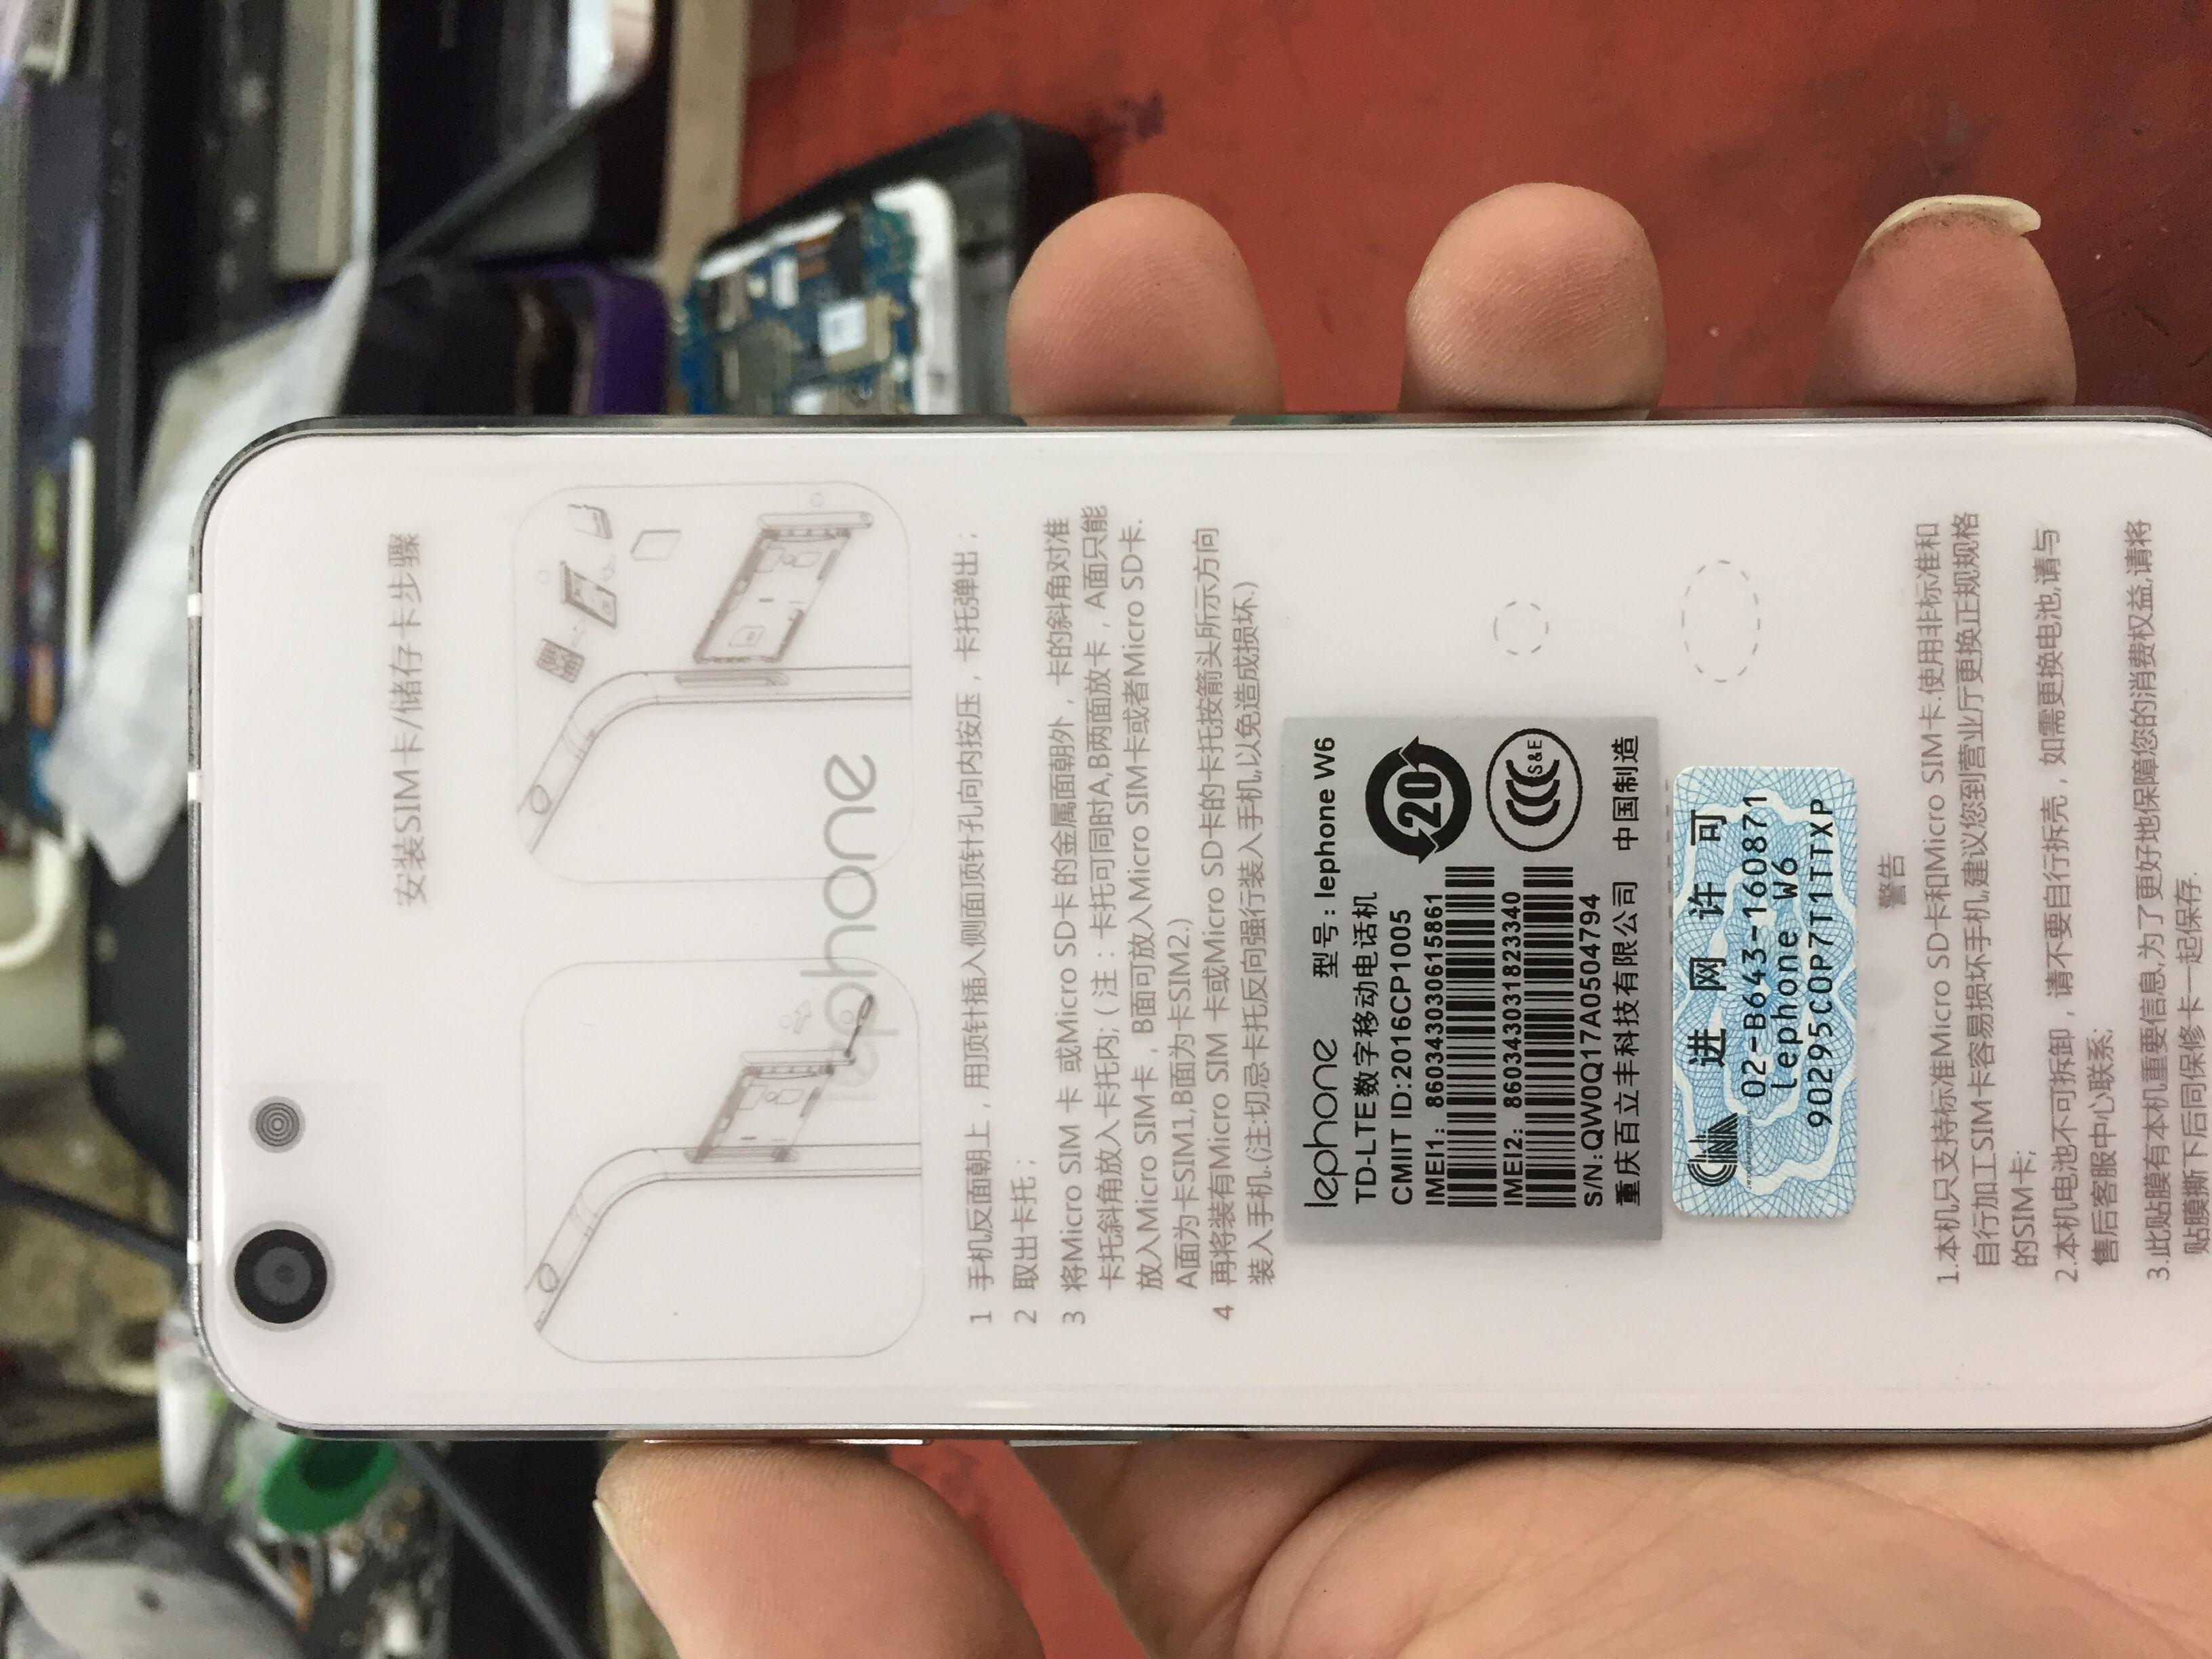 百立丰W6 lephone W6 SN号第三位数是0字样原厂线刷机包